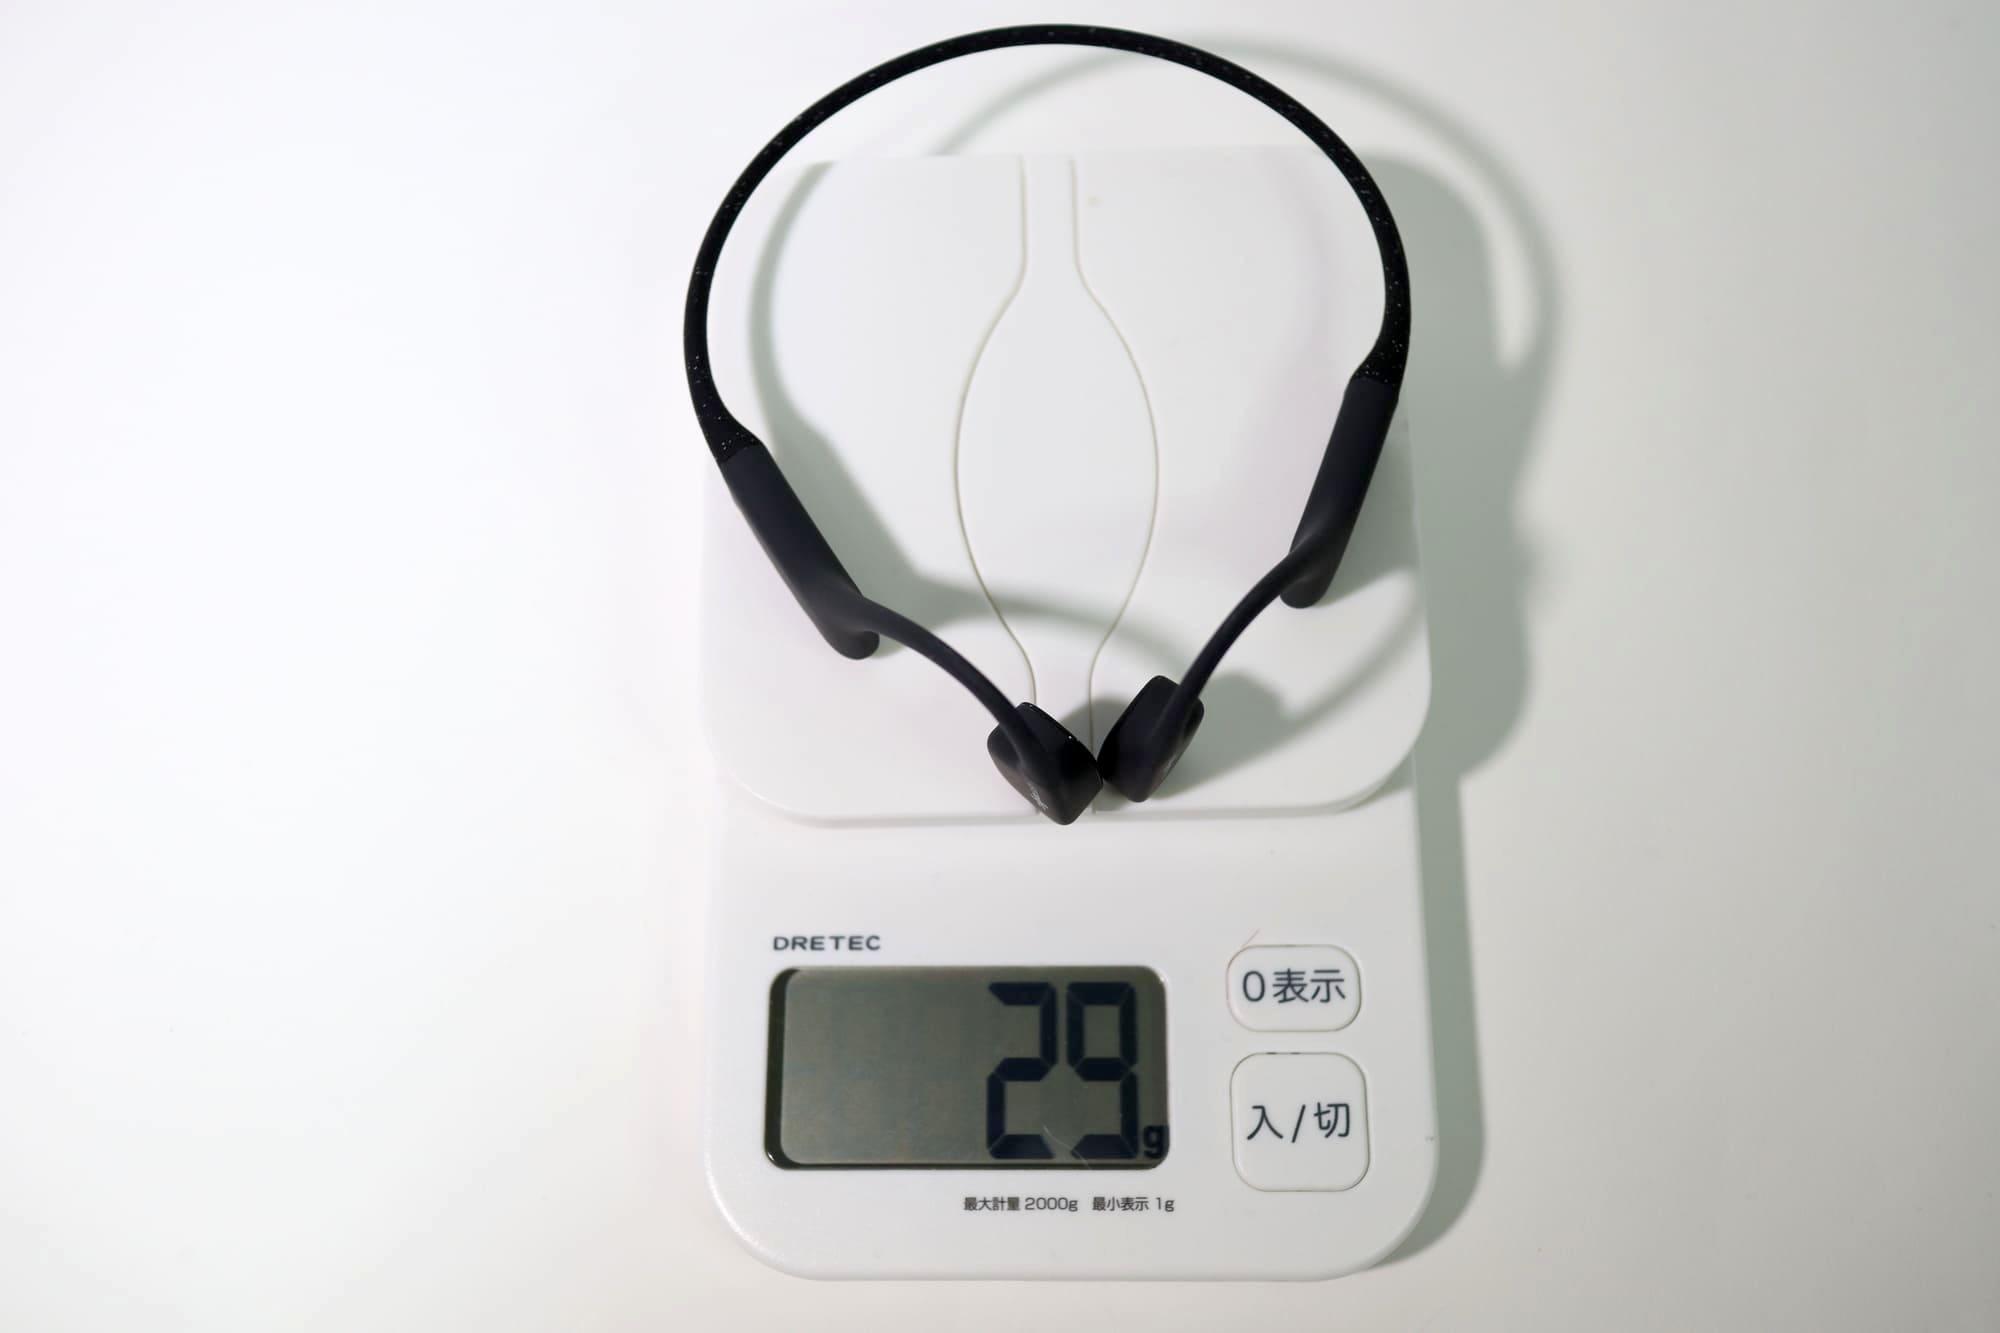 AfterShokz Xtrainerzの重量